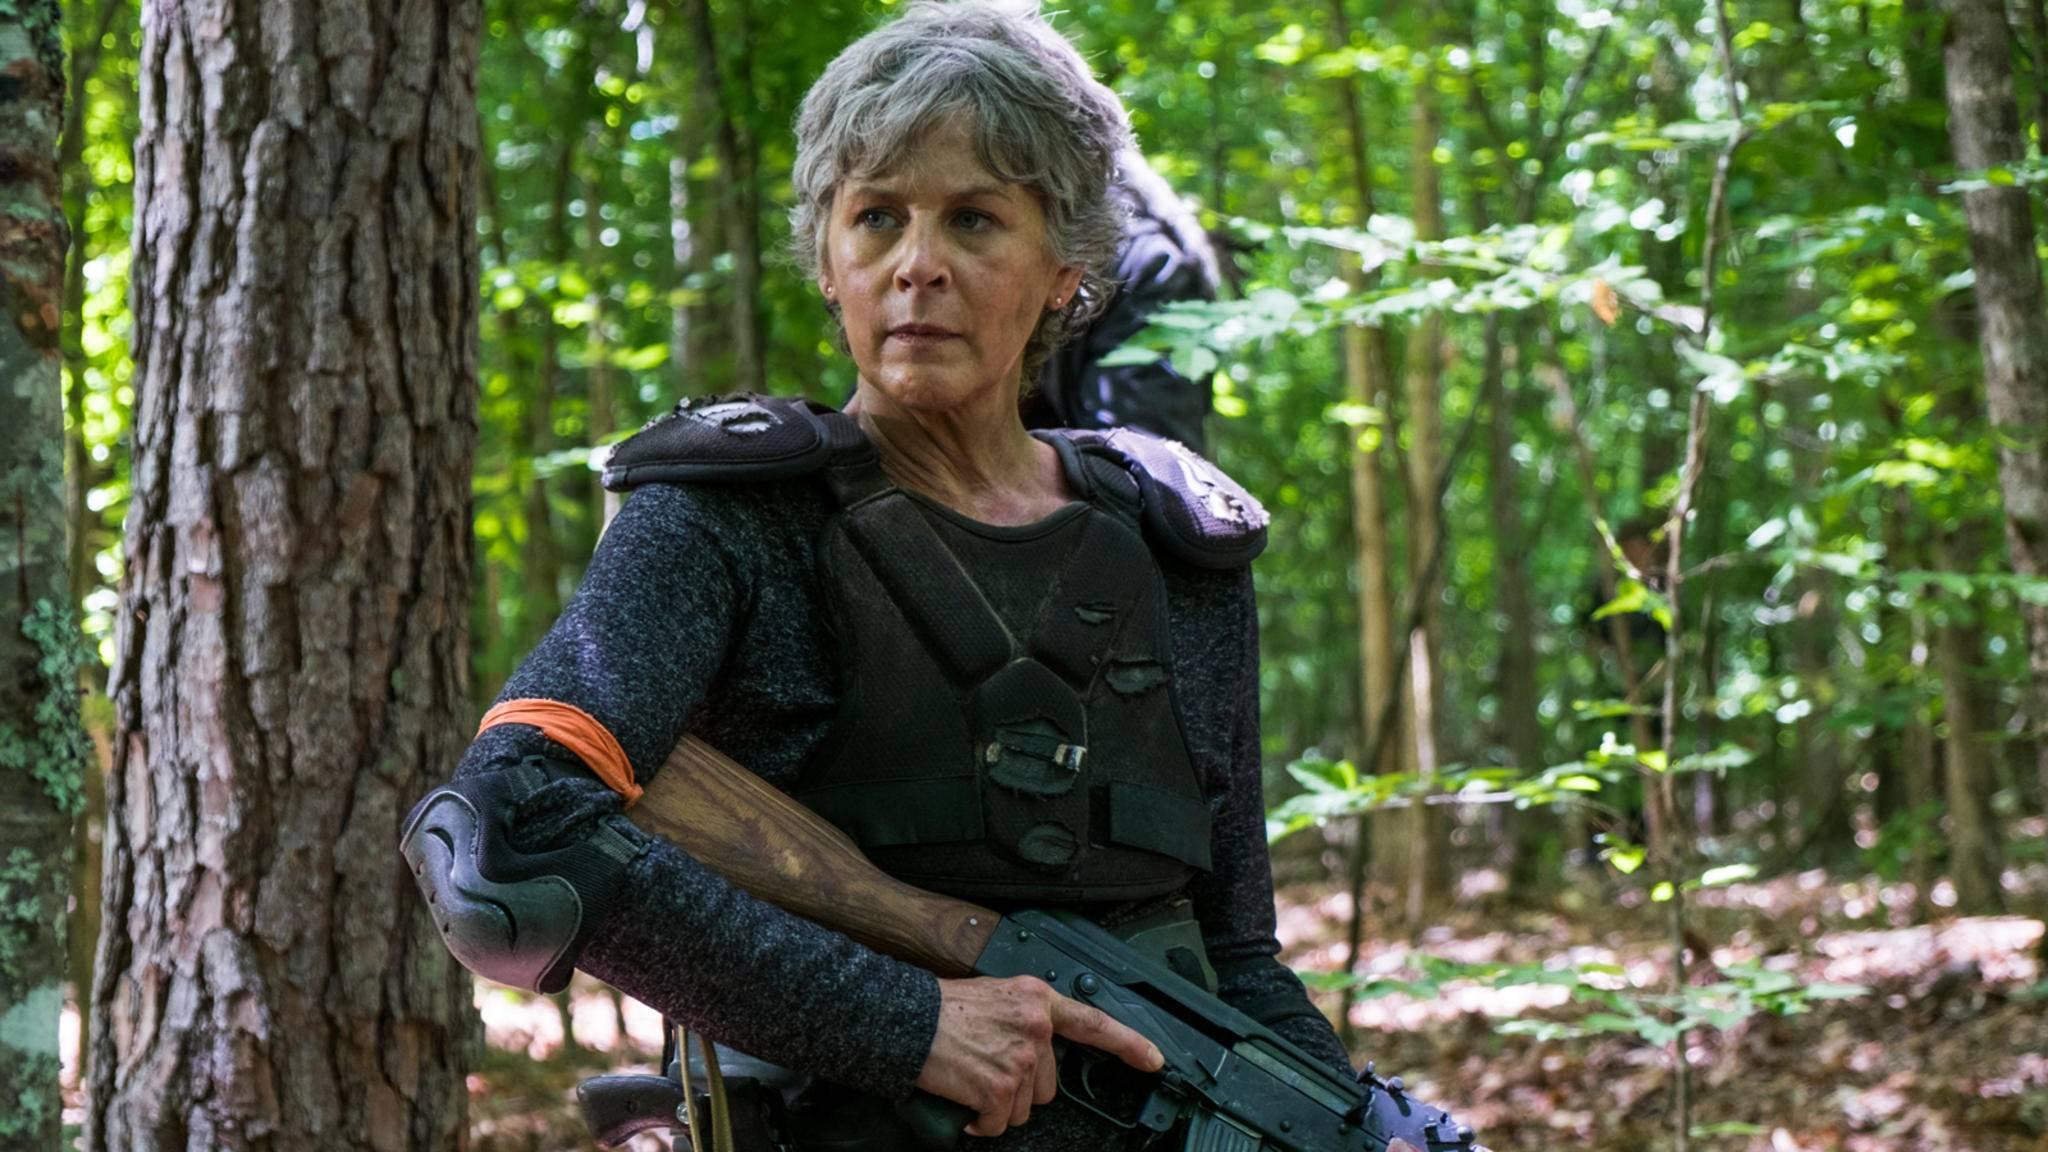 Carol macht sich regelmäßig auch ihren scharfen Verstand zunutze, wenn es darum geht, Feinde zu übertrumpfen.